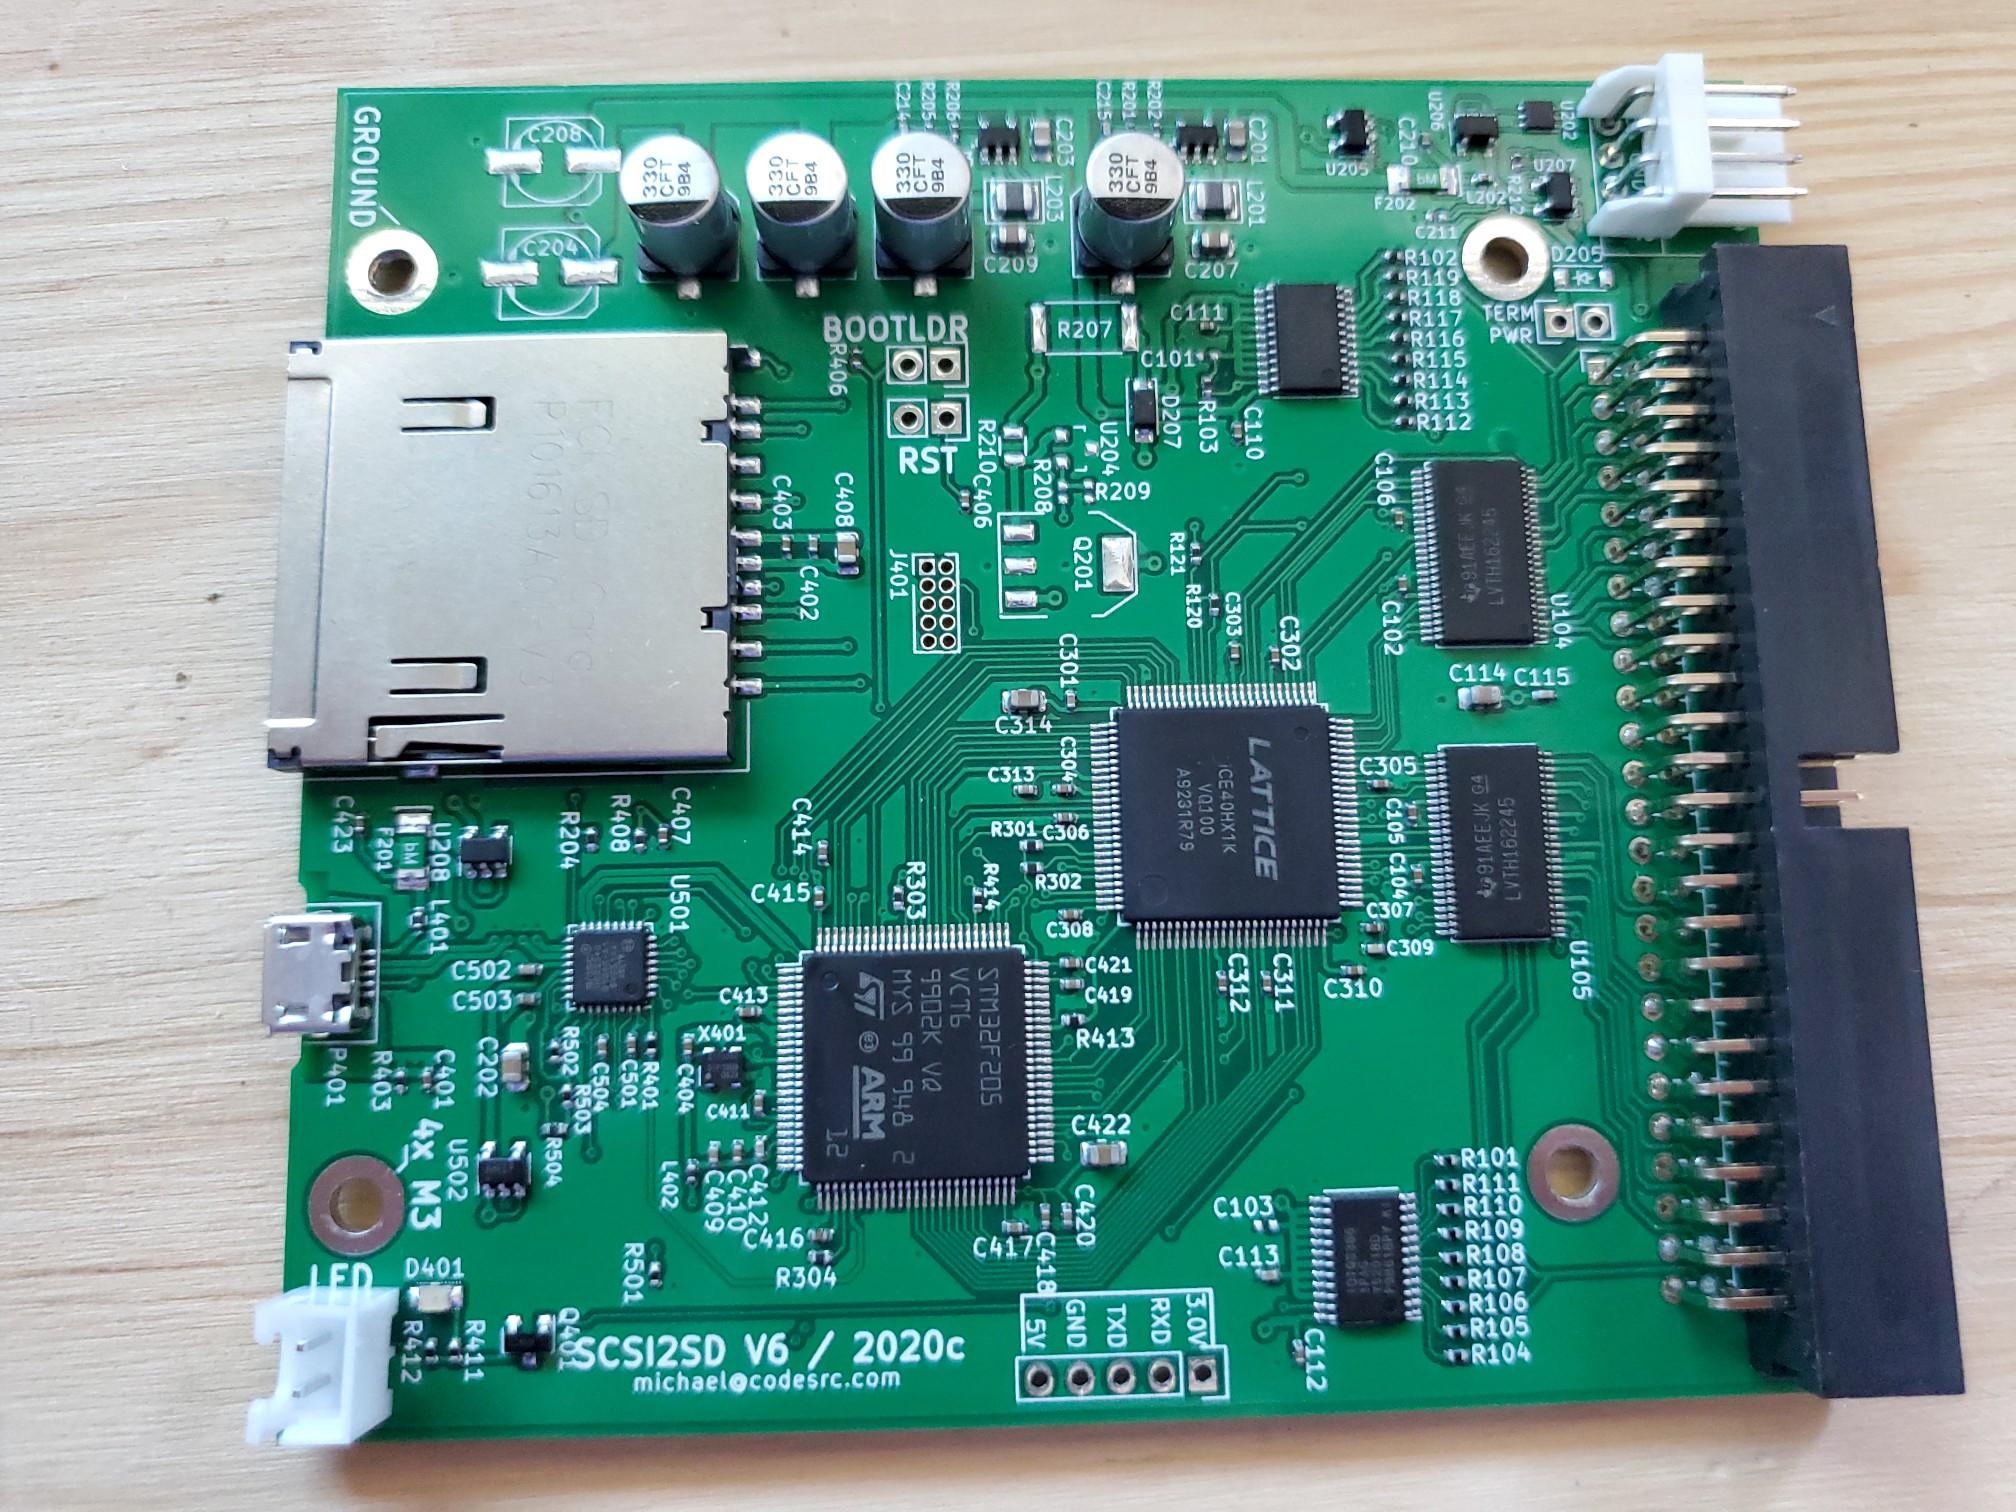 SCSI2SD v6 / 2020c